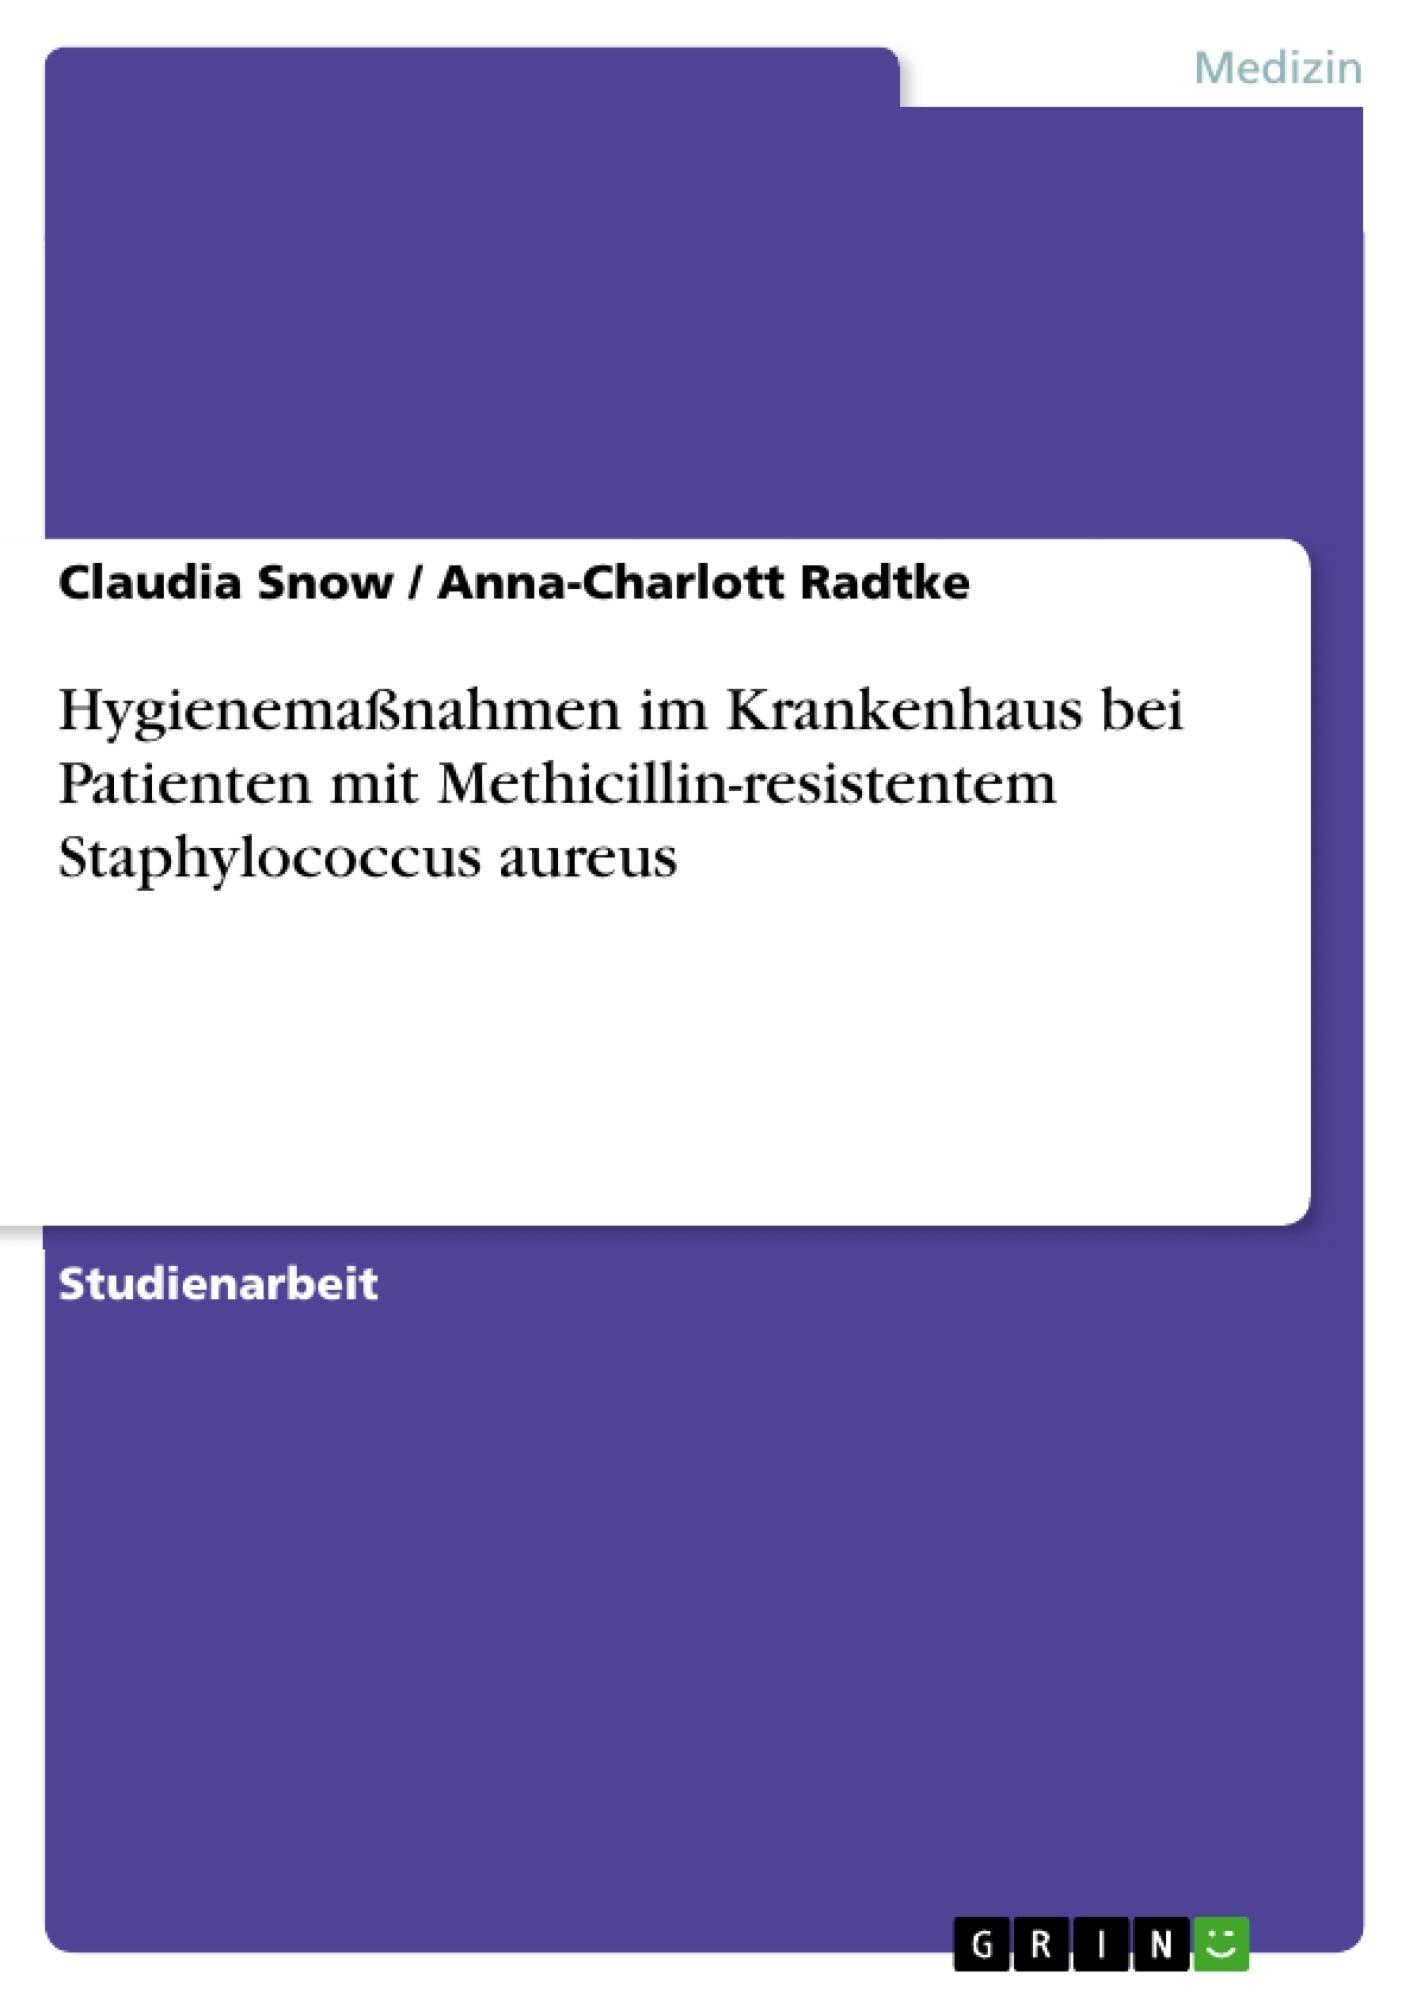 Titel: Hygienemaßnahmen im Krankenhaus bei Patienten mit Methicillin-resistentem Staphylococcus aureus